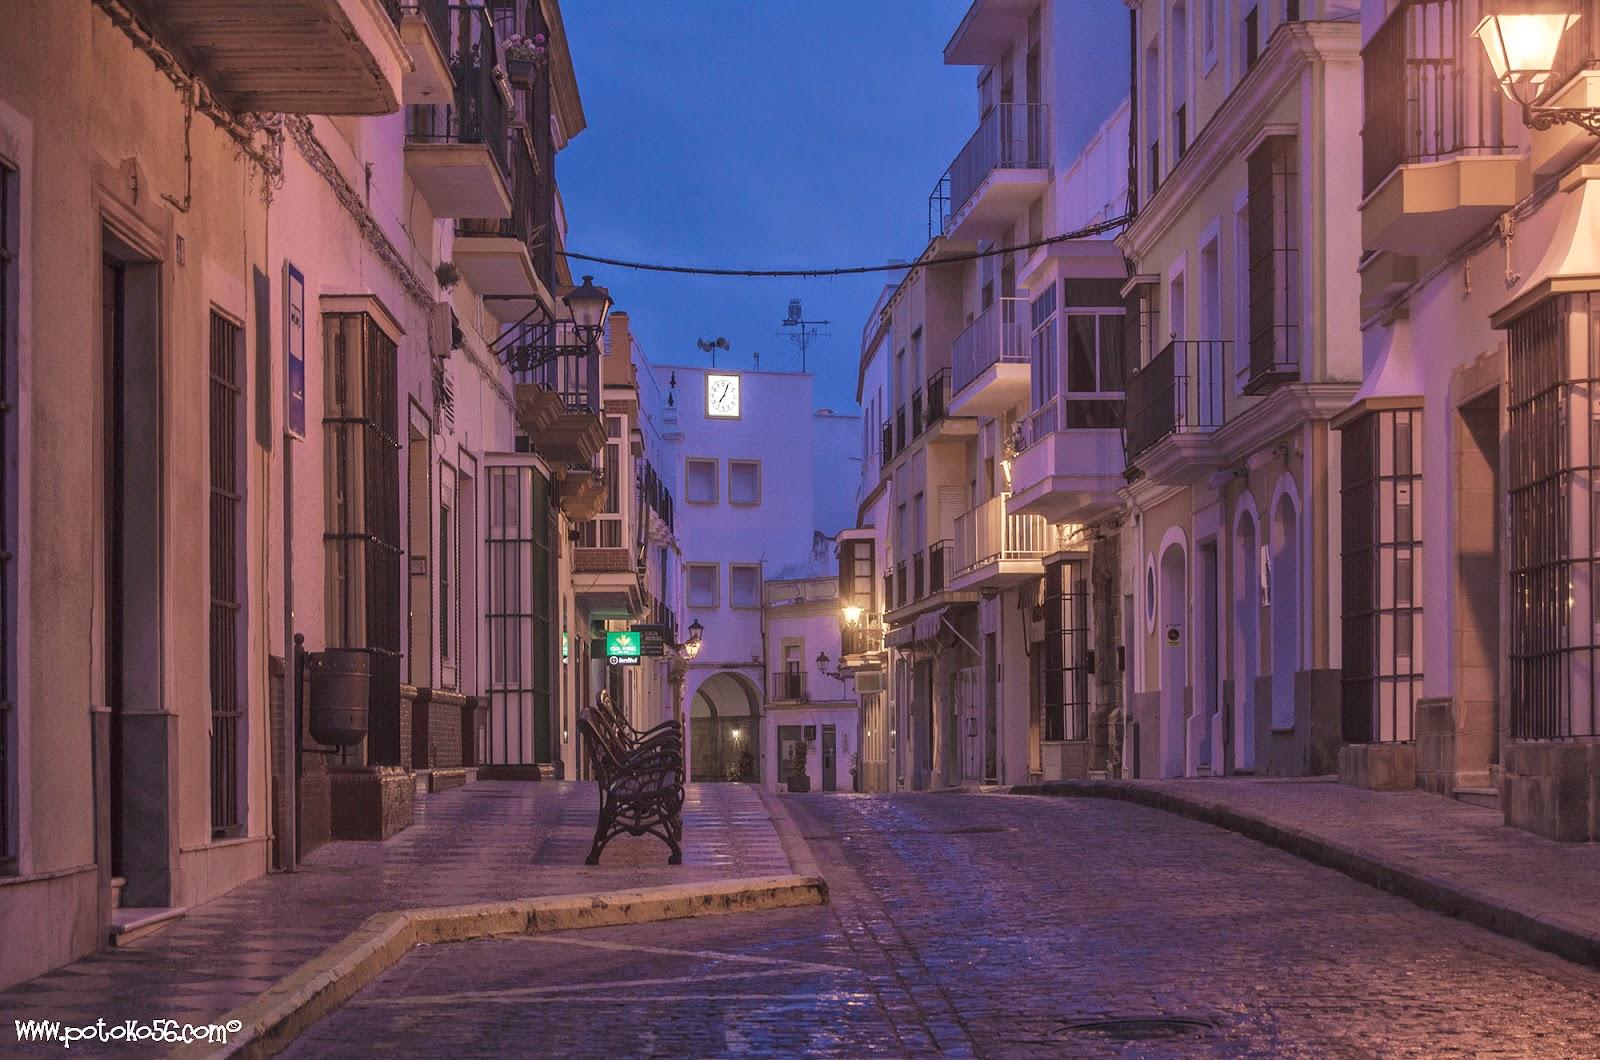 Vista de la Calle Veracruz hasta la Plaza de Andalucía Rota